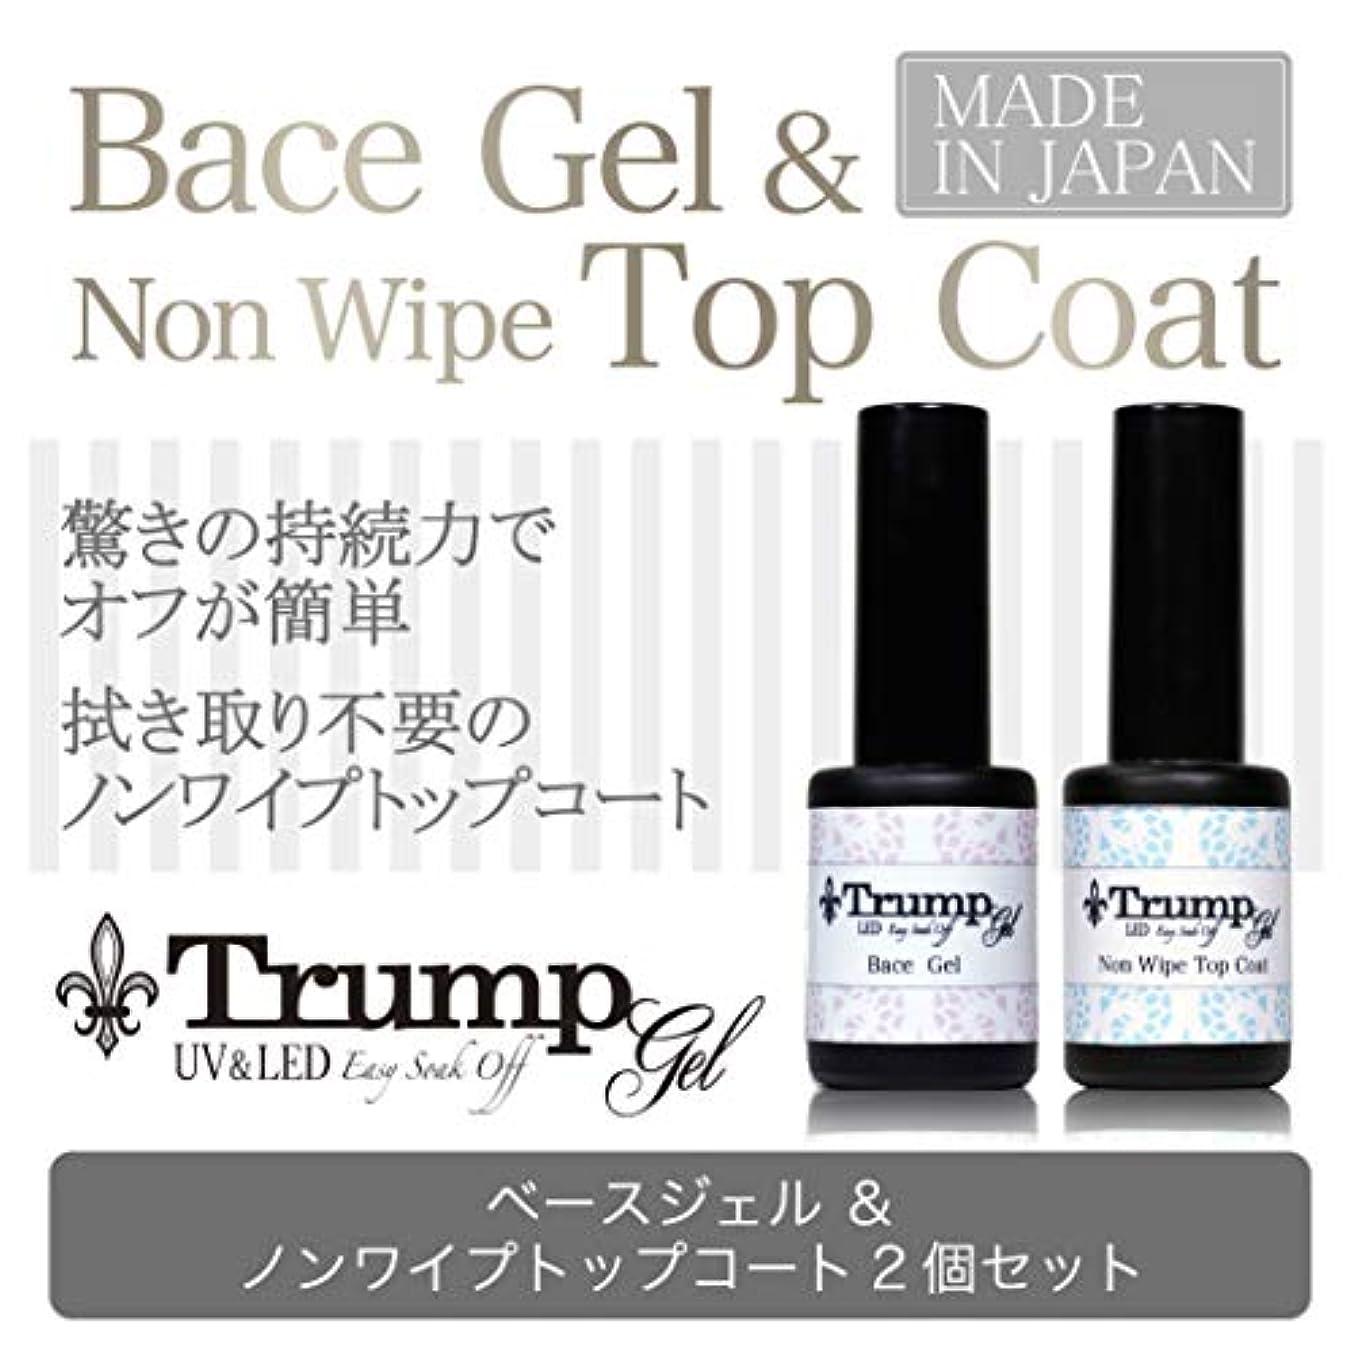 二次コピー豆【日本製】Trump Gel ジェルネイルUV LED ベースジェル & ノンワイプトップコート 大容量10g×2本セット